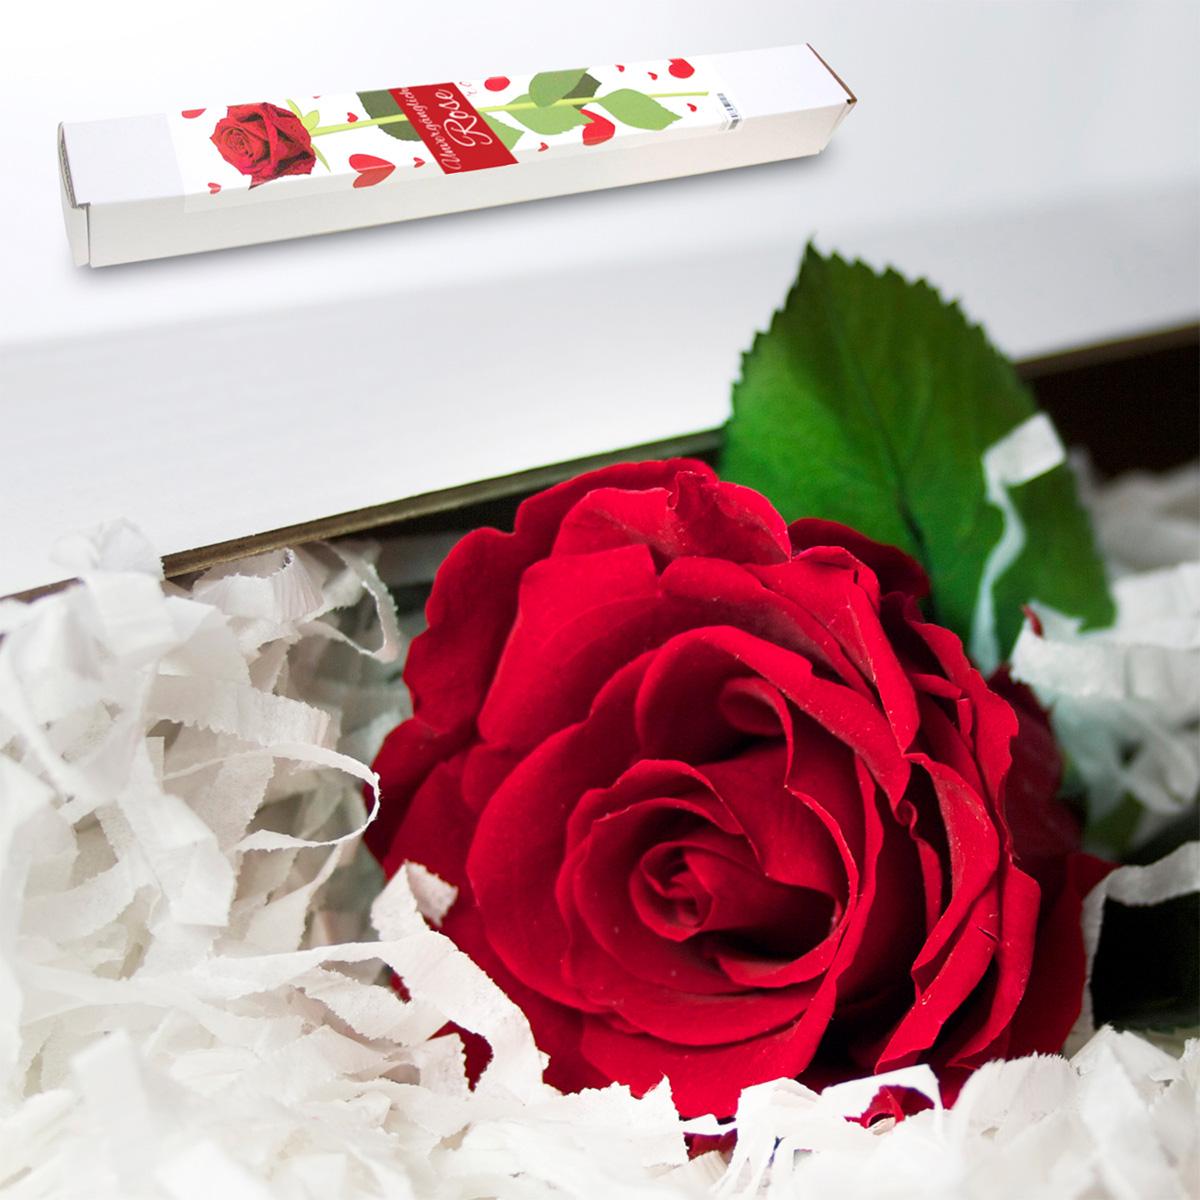 Den för evigt blommande rosen